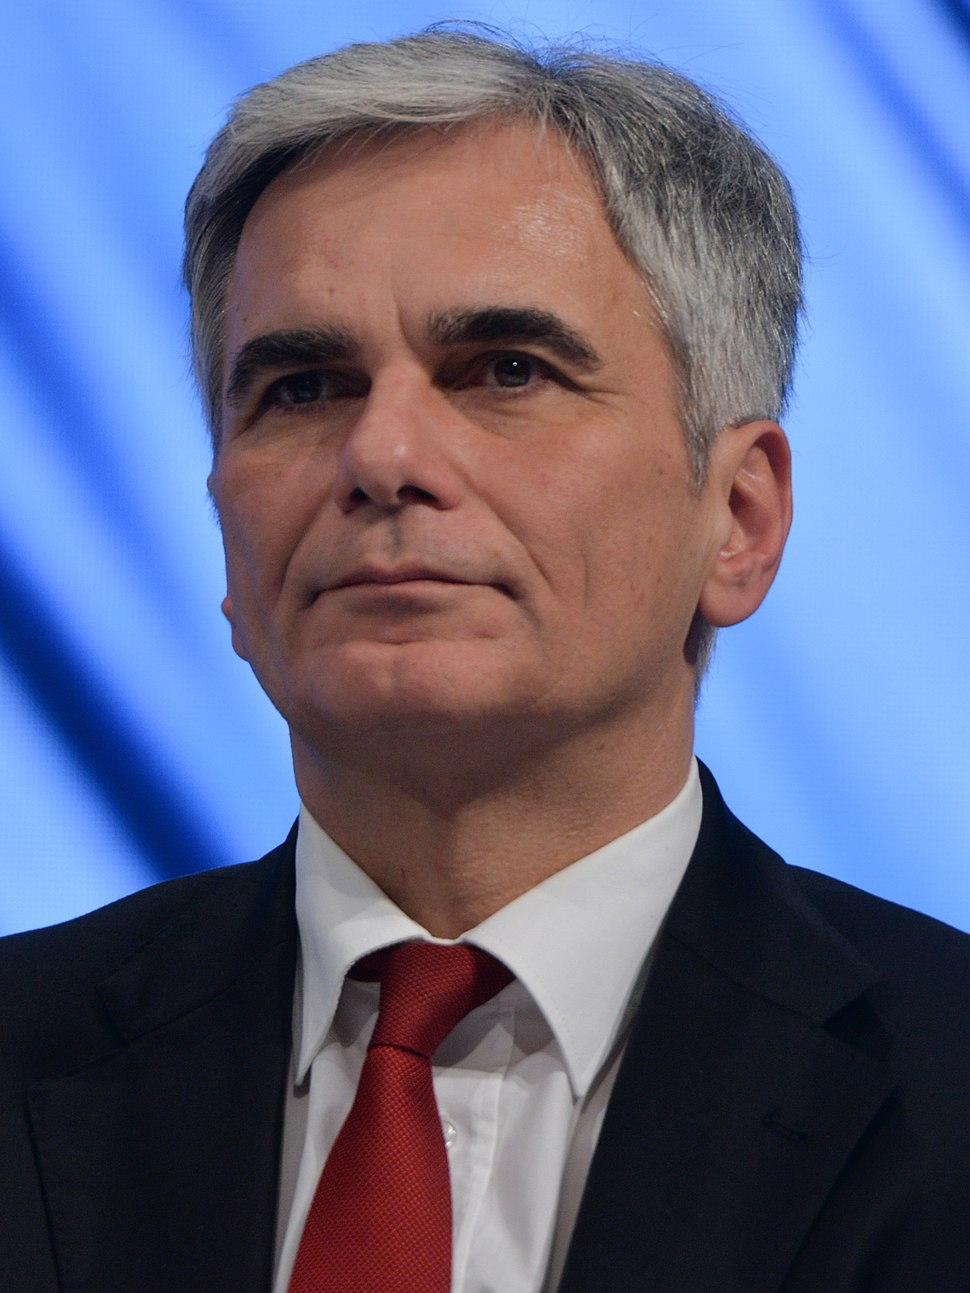 2015-12 Werner Faymann SPD Bundesparteitag by Olaf Kosinsky-26 (cropped)